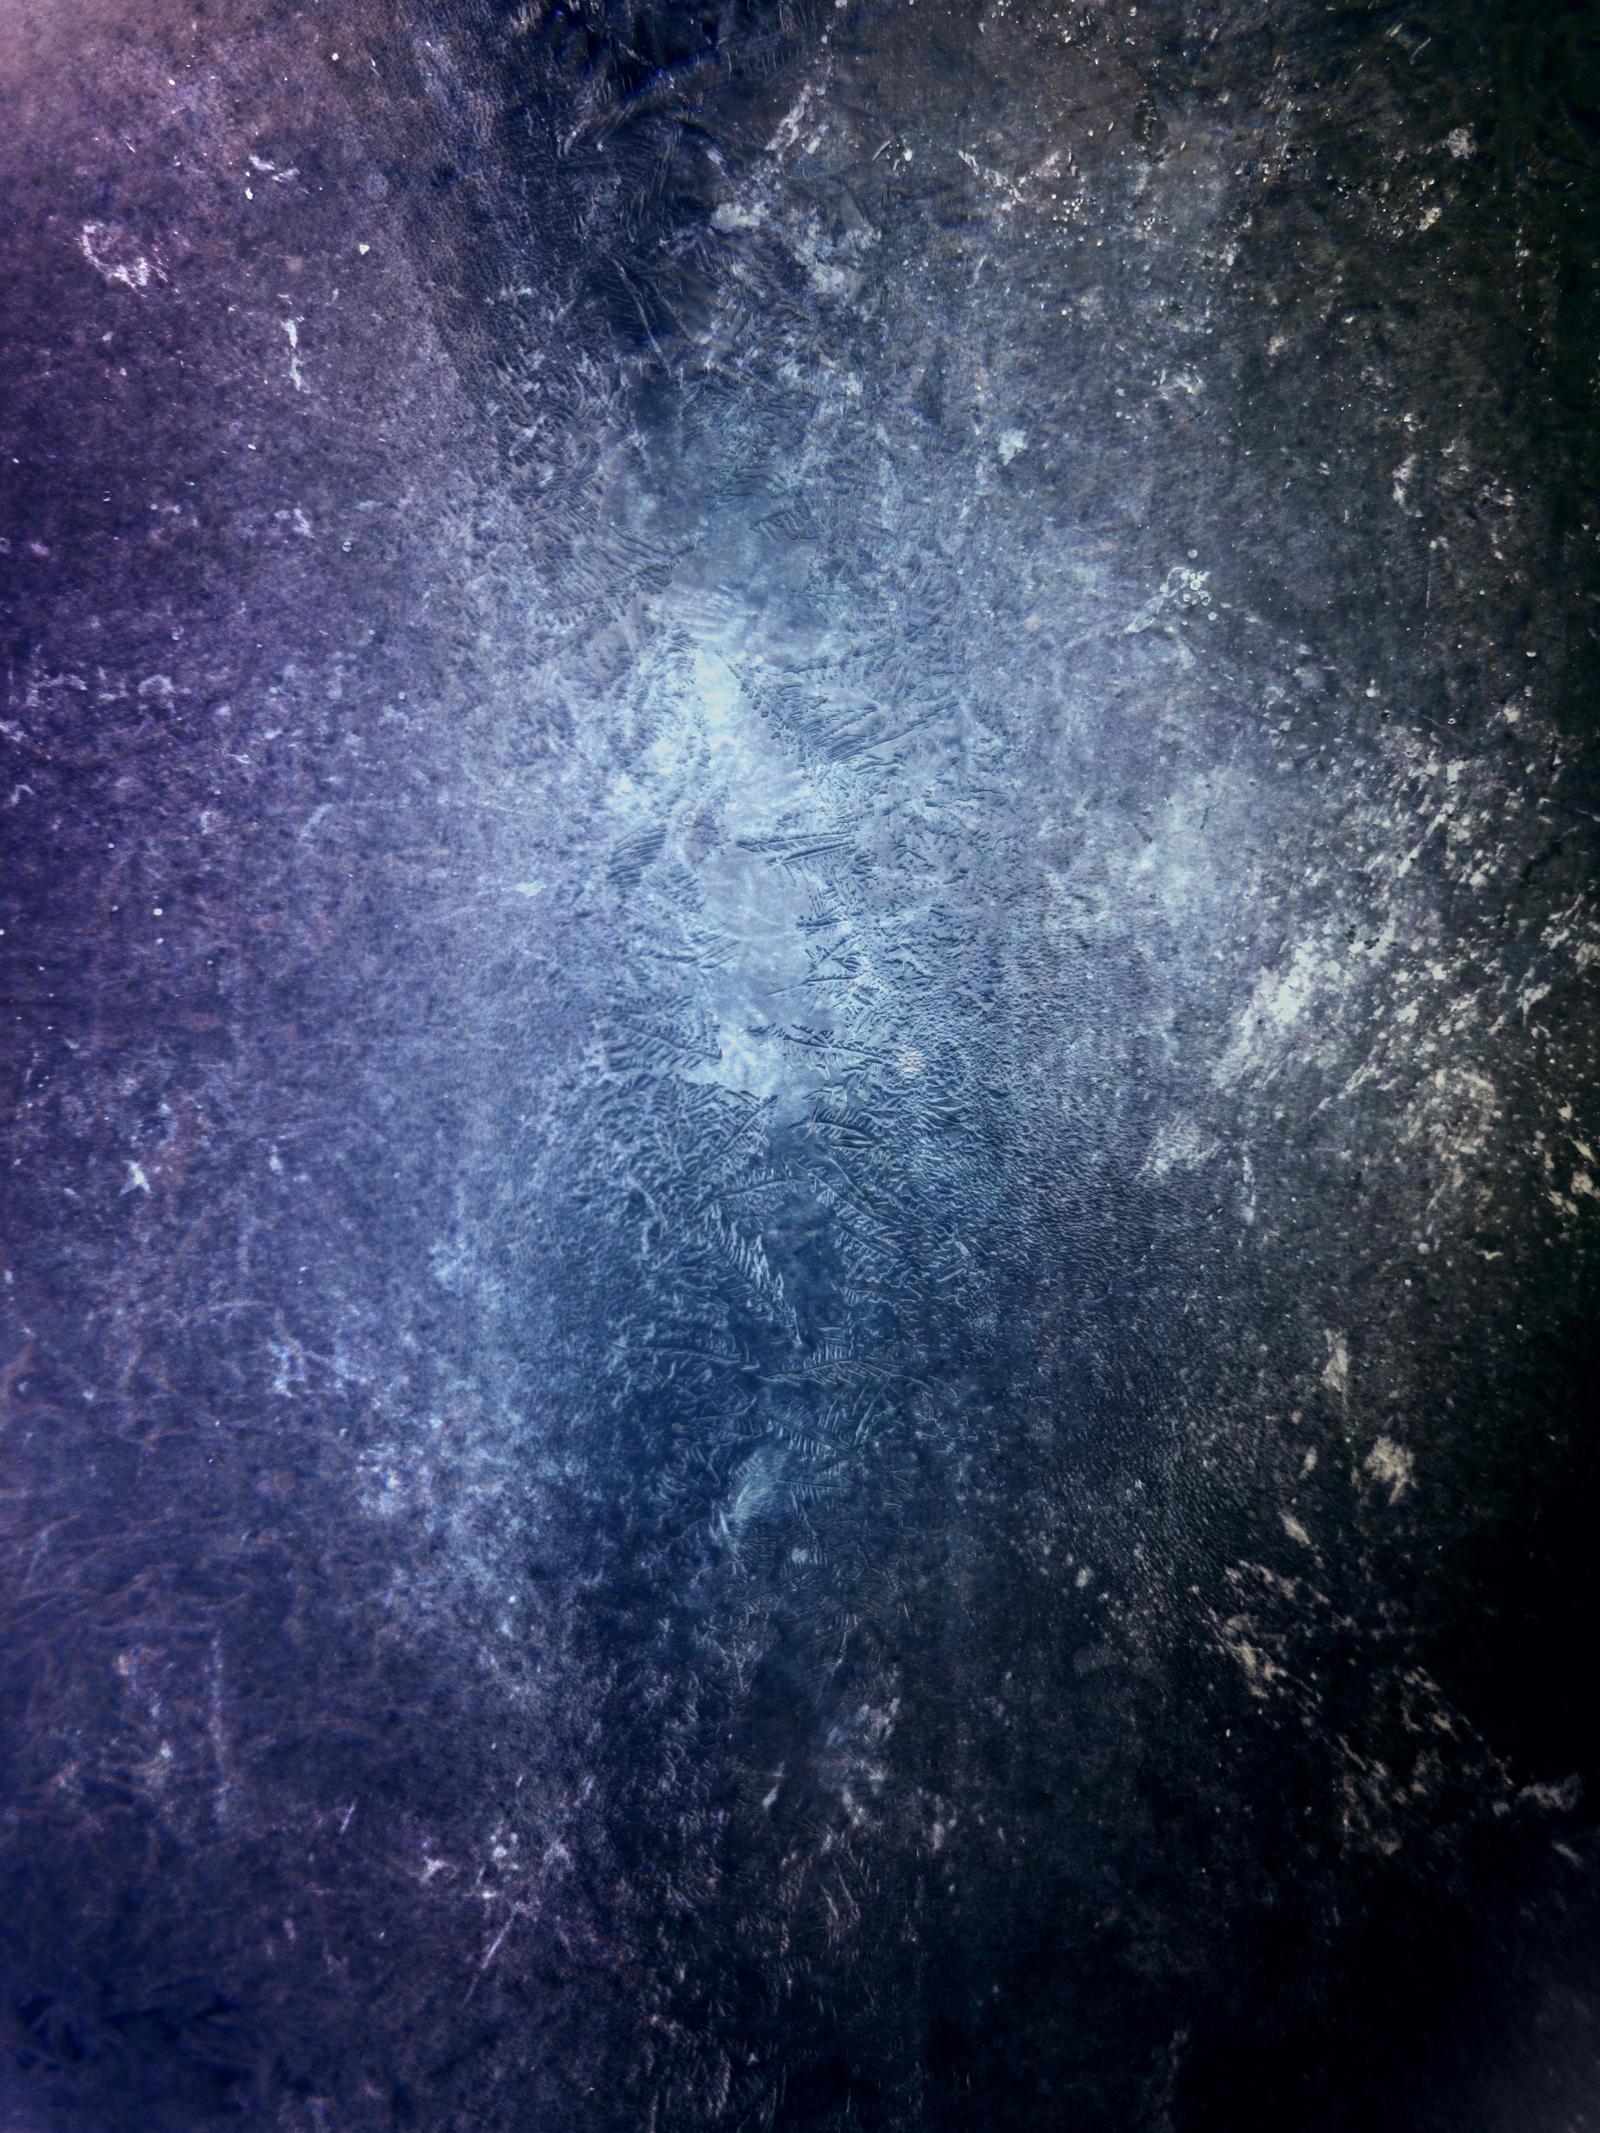 Texture 224 by Sirius-sdz